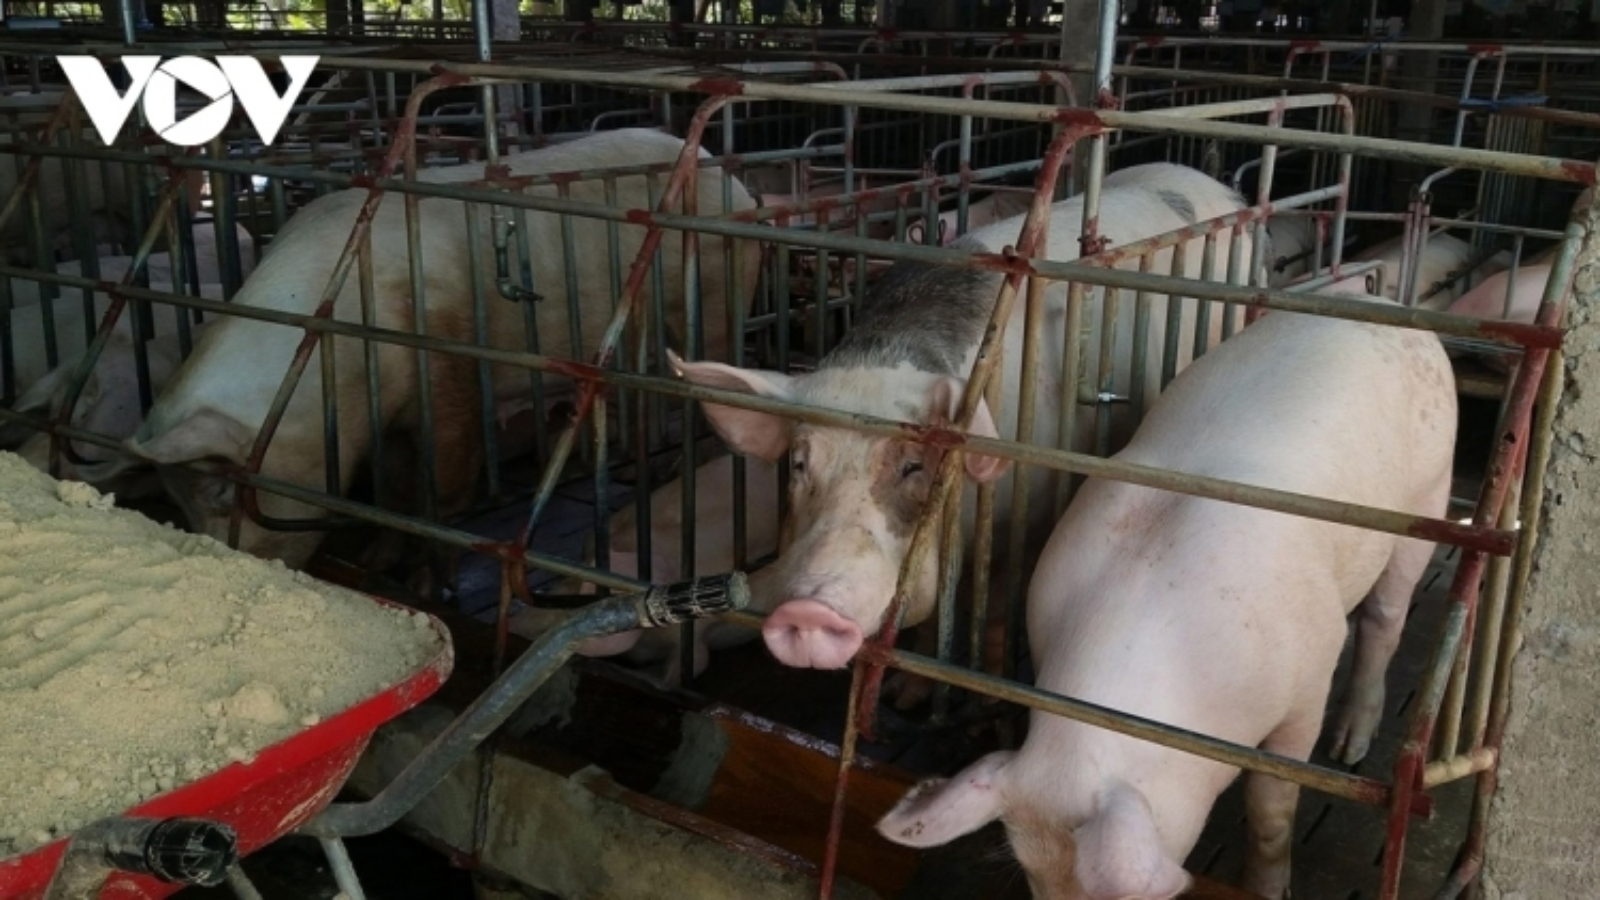 Việt Nam mỗi năm cần từ 28 - 30 triệu tấn nguyên liệu thức ăn chăn nuôi